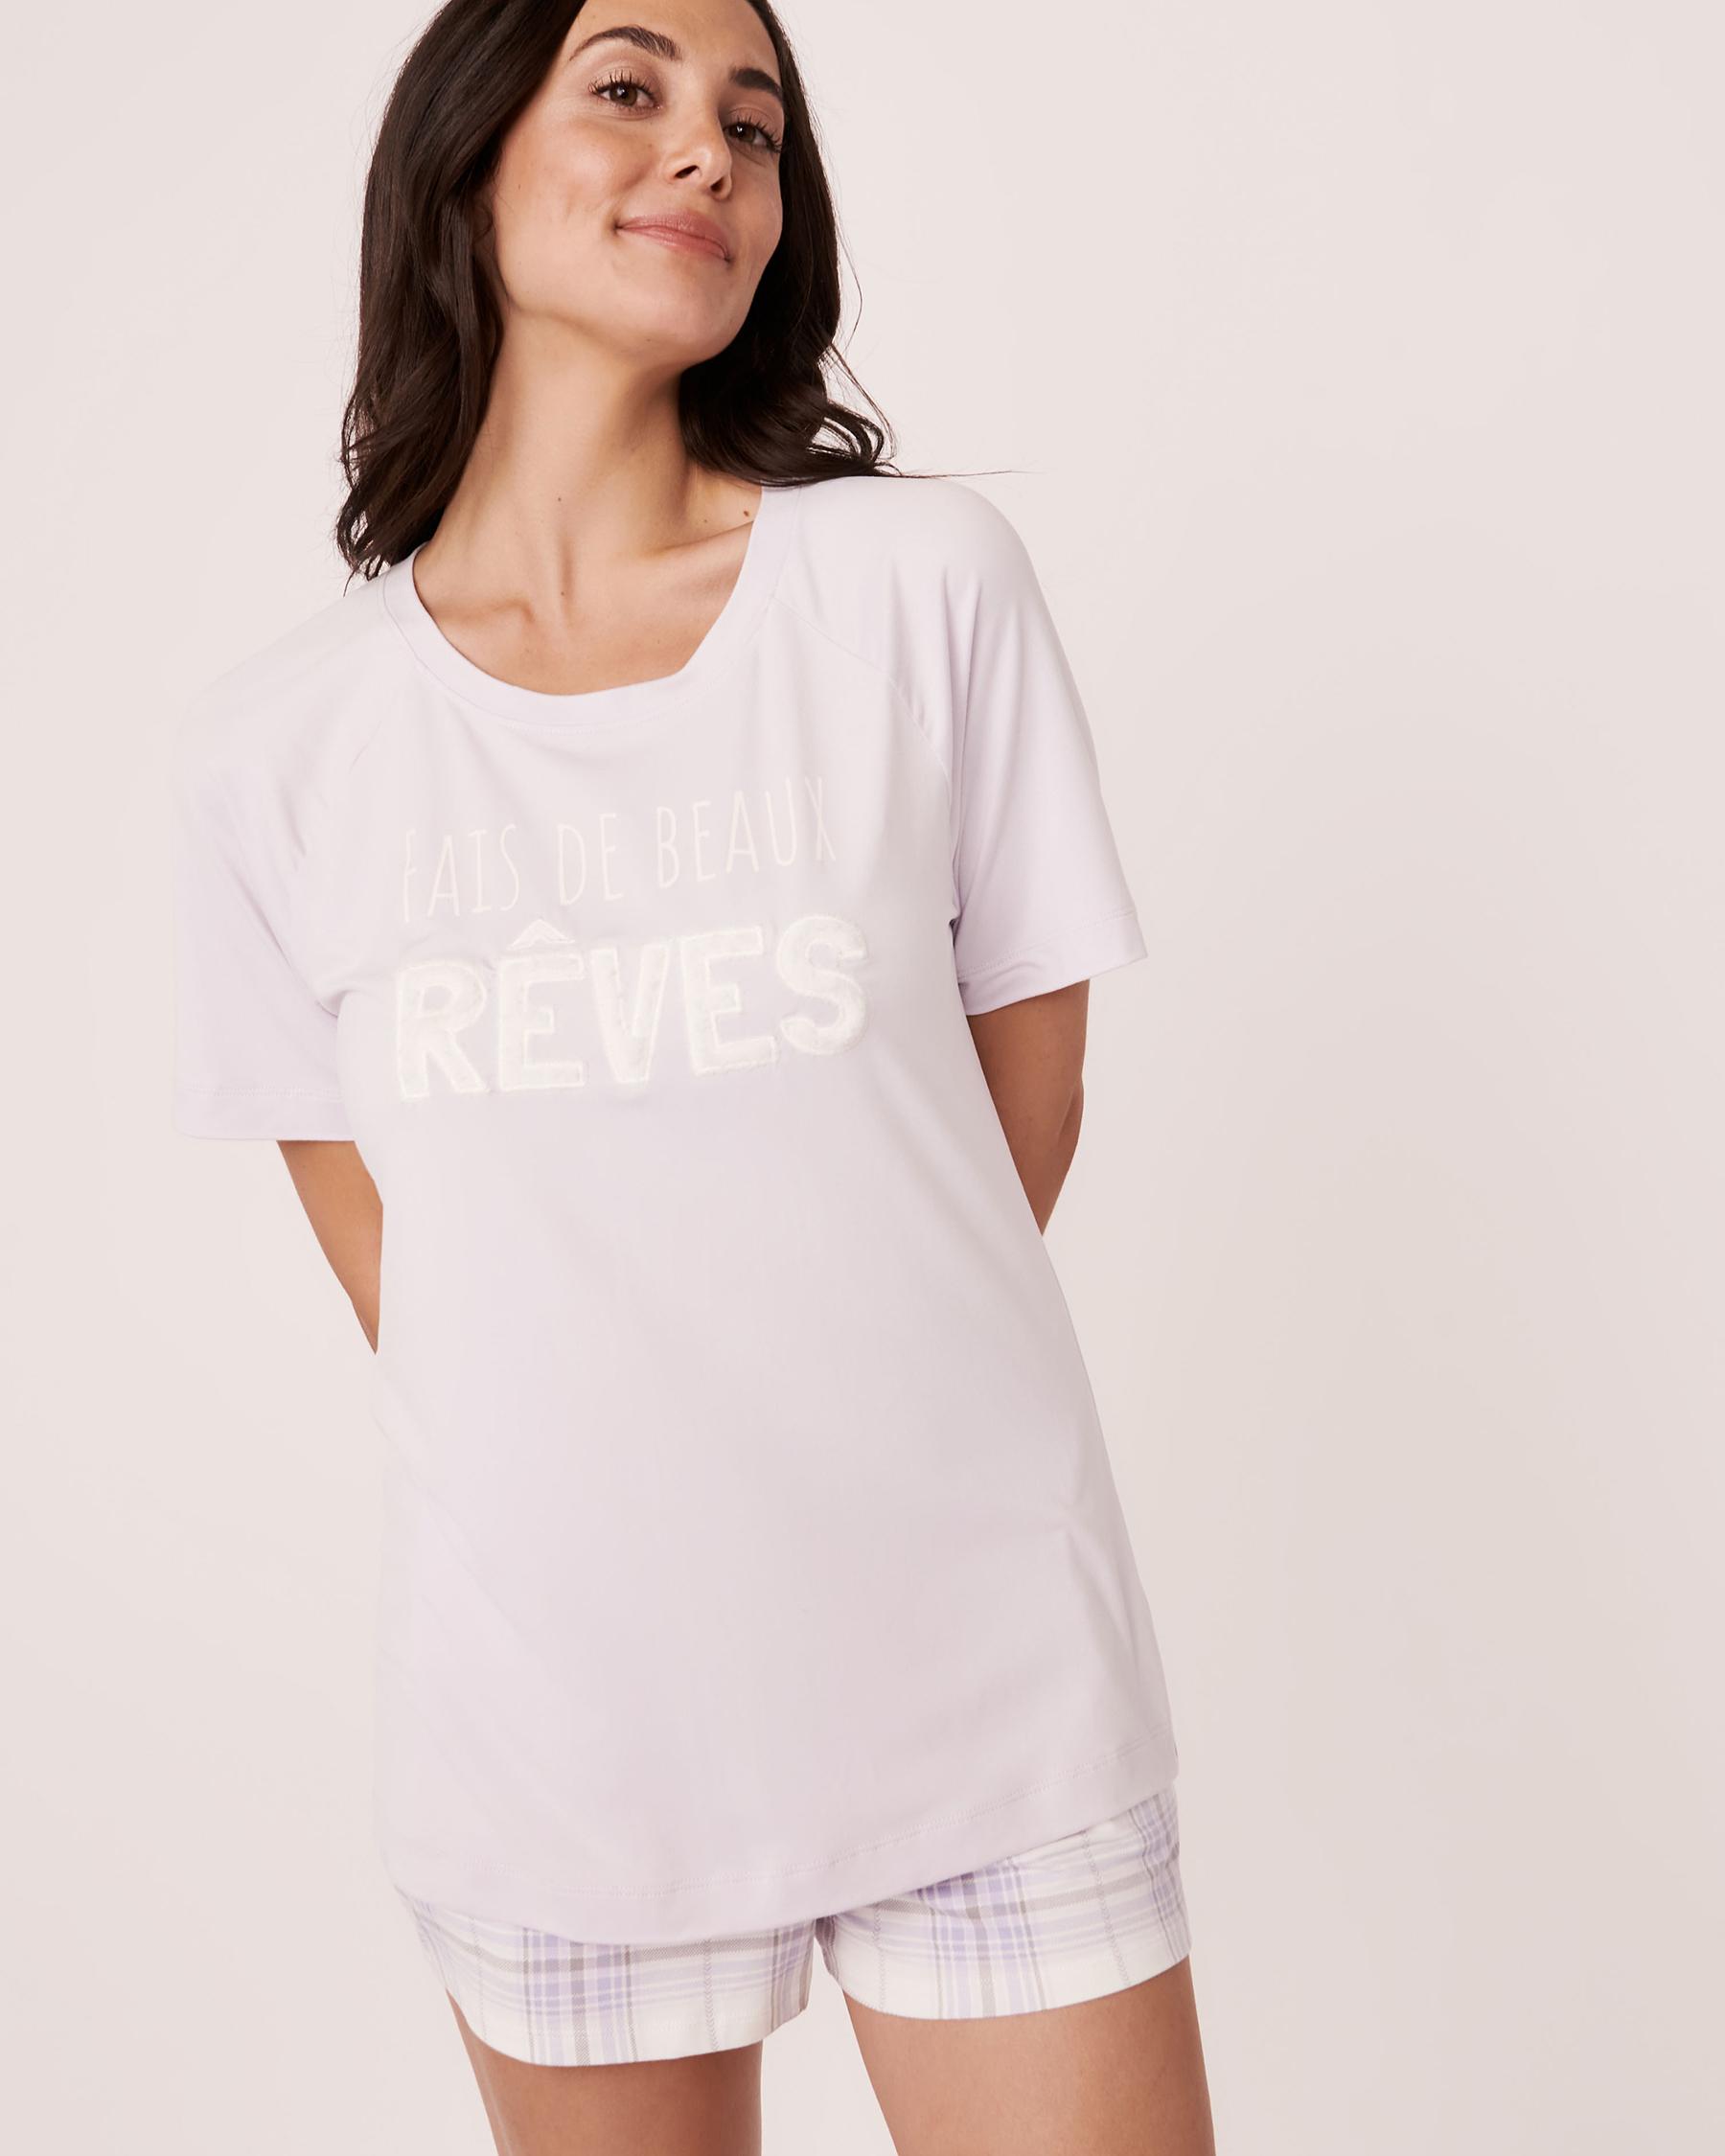 LA VIE EN ROSE Plush Print T-shirt Lavender 40100140 - View2